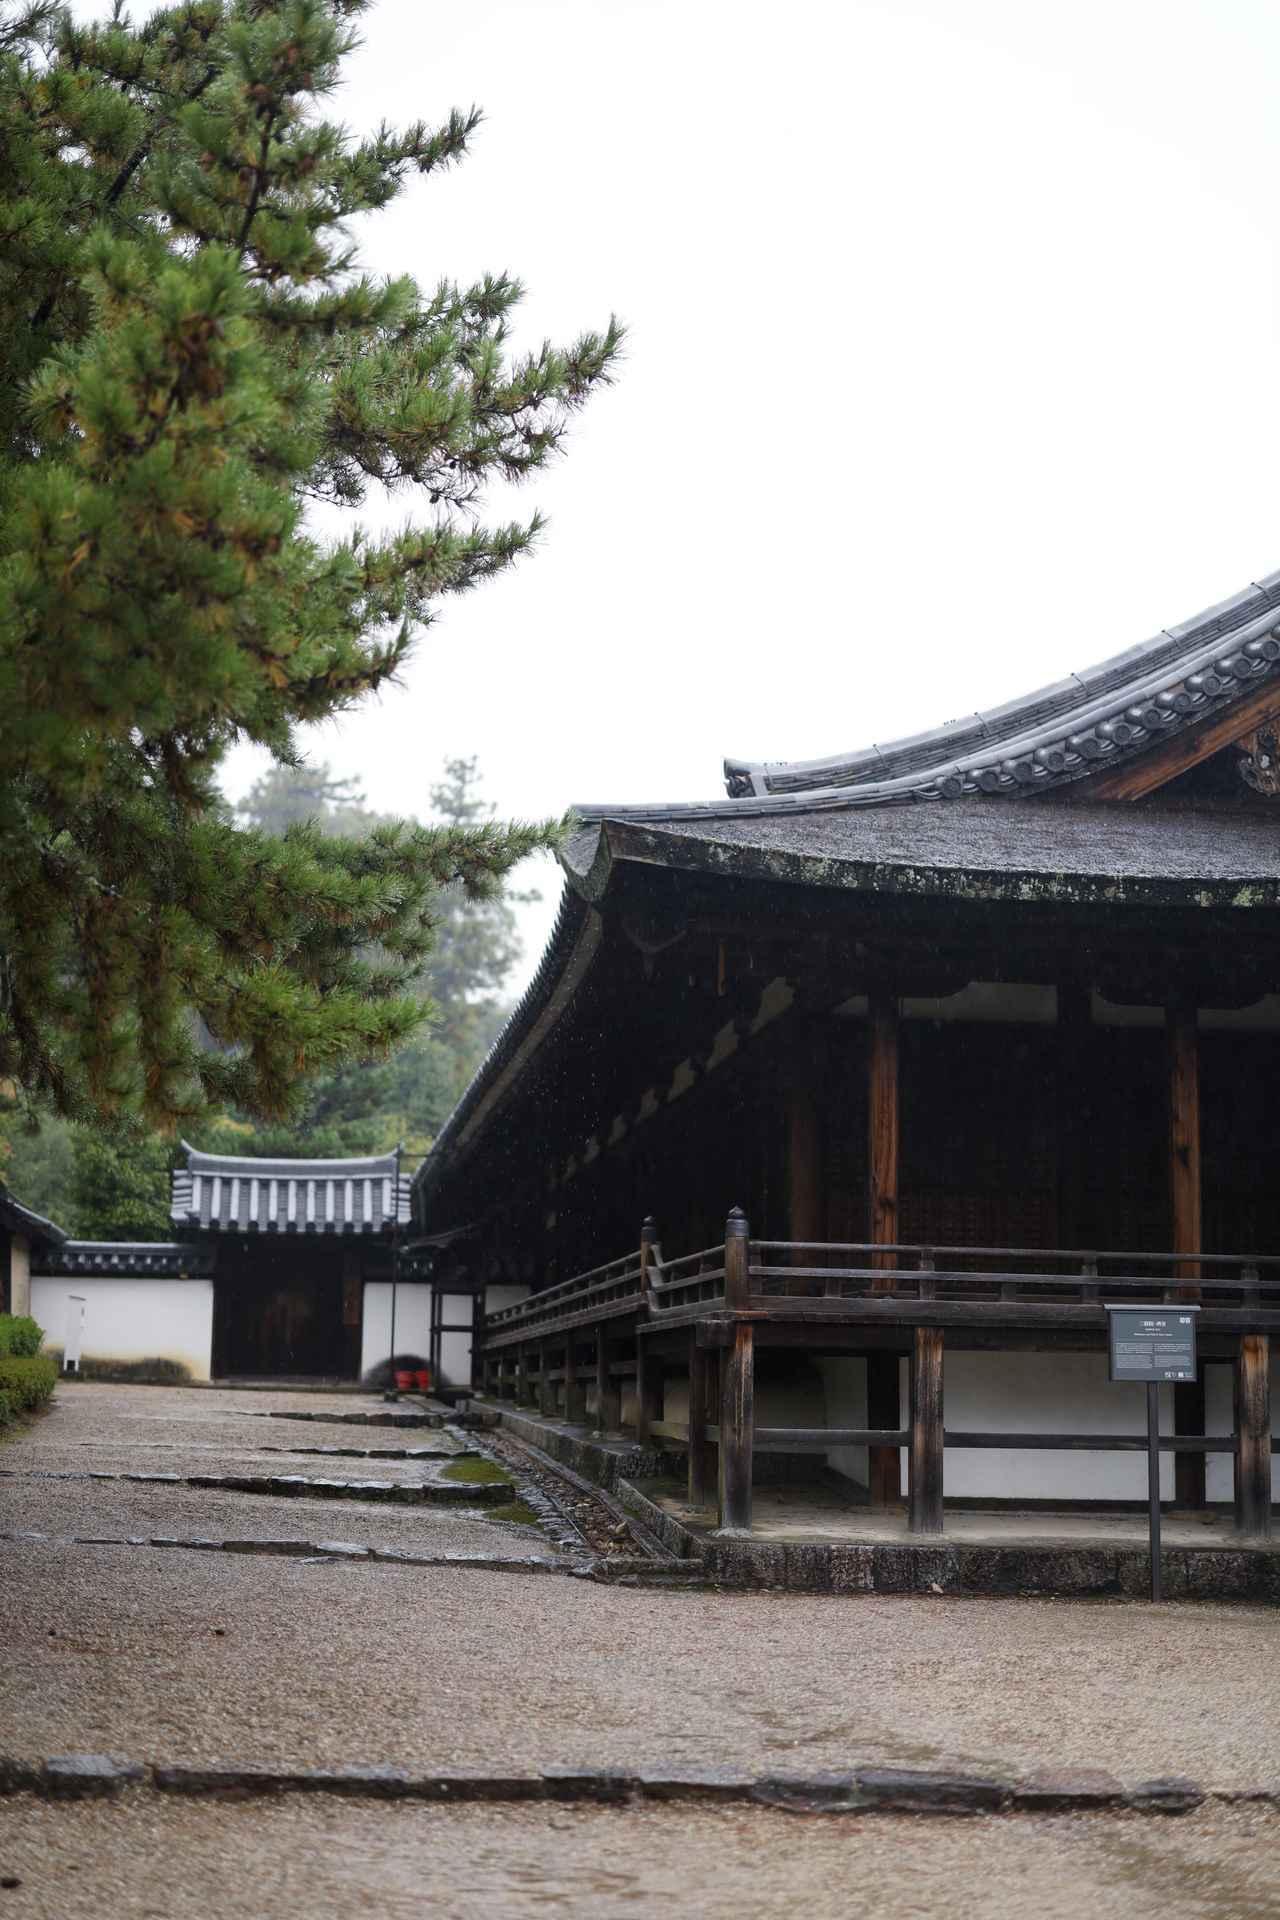 画像: 法隆寺 三教院・西室 鎌倉時代・国宝